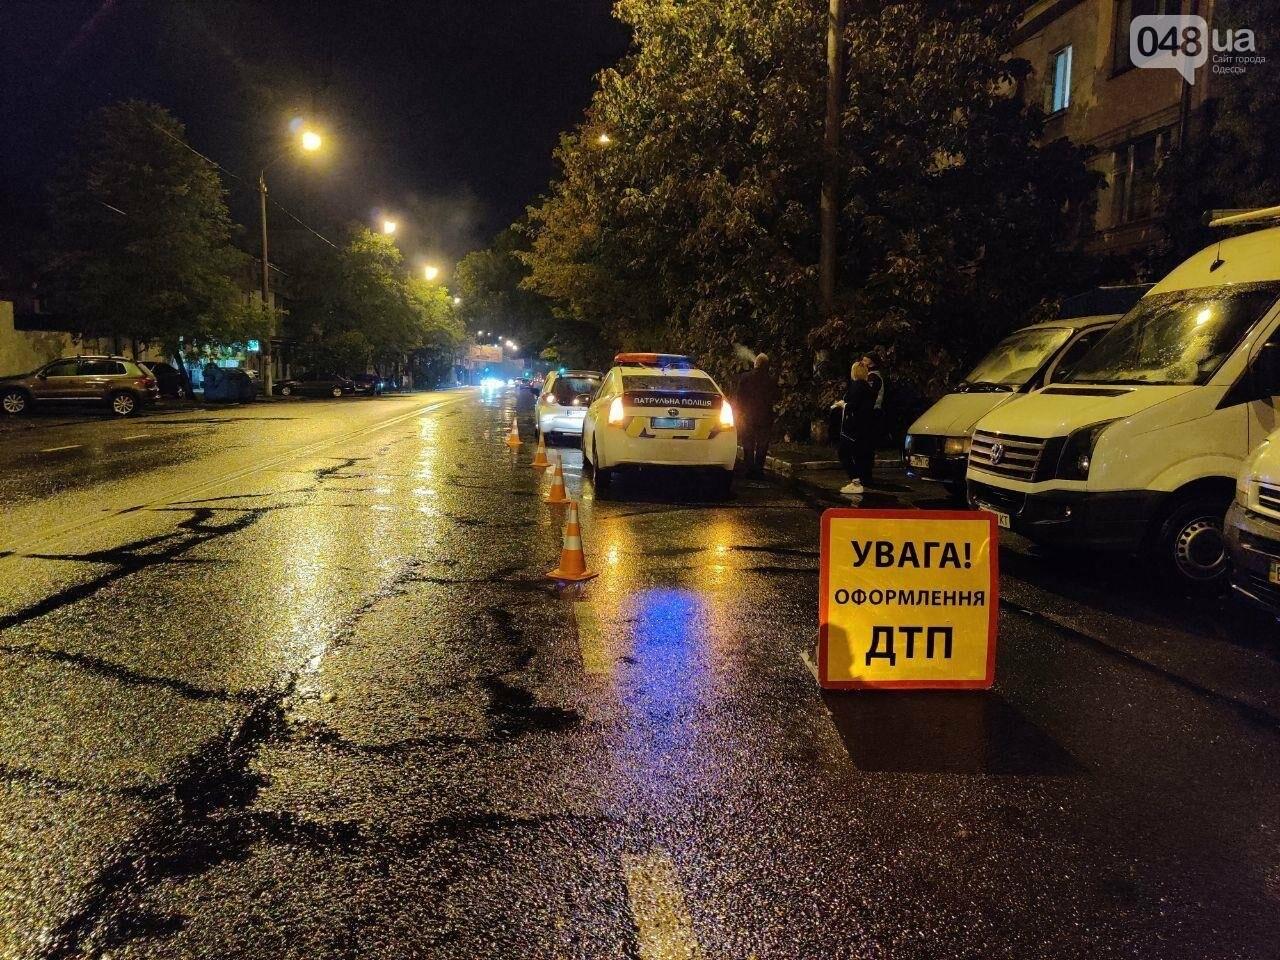 В Одессе автомобиль сбил девушку, - ФОТО1